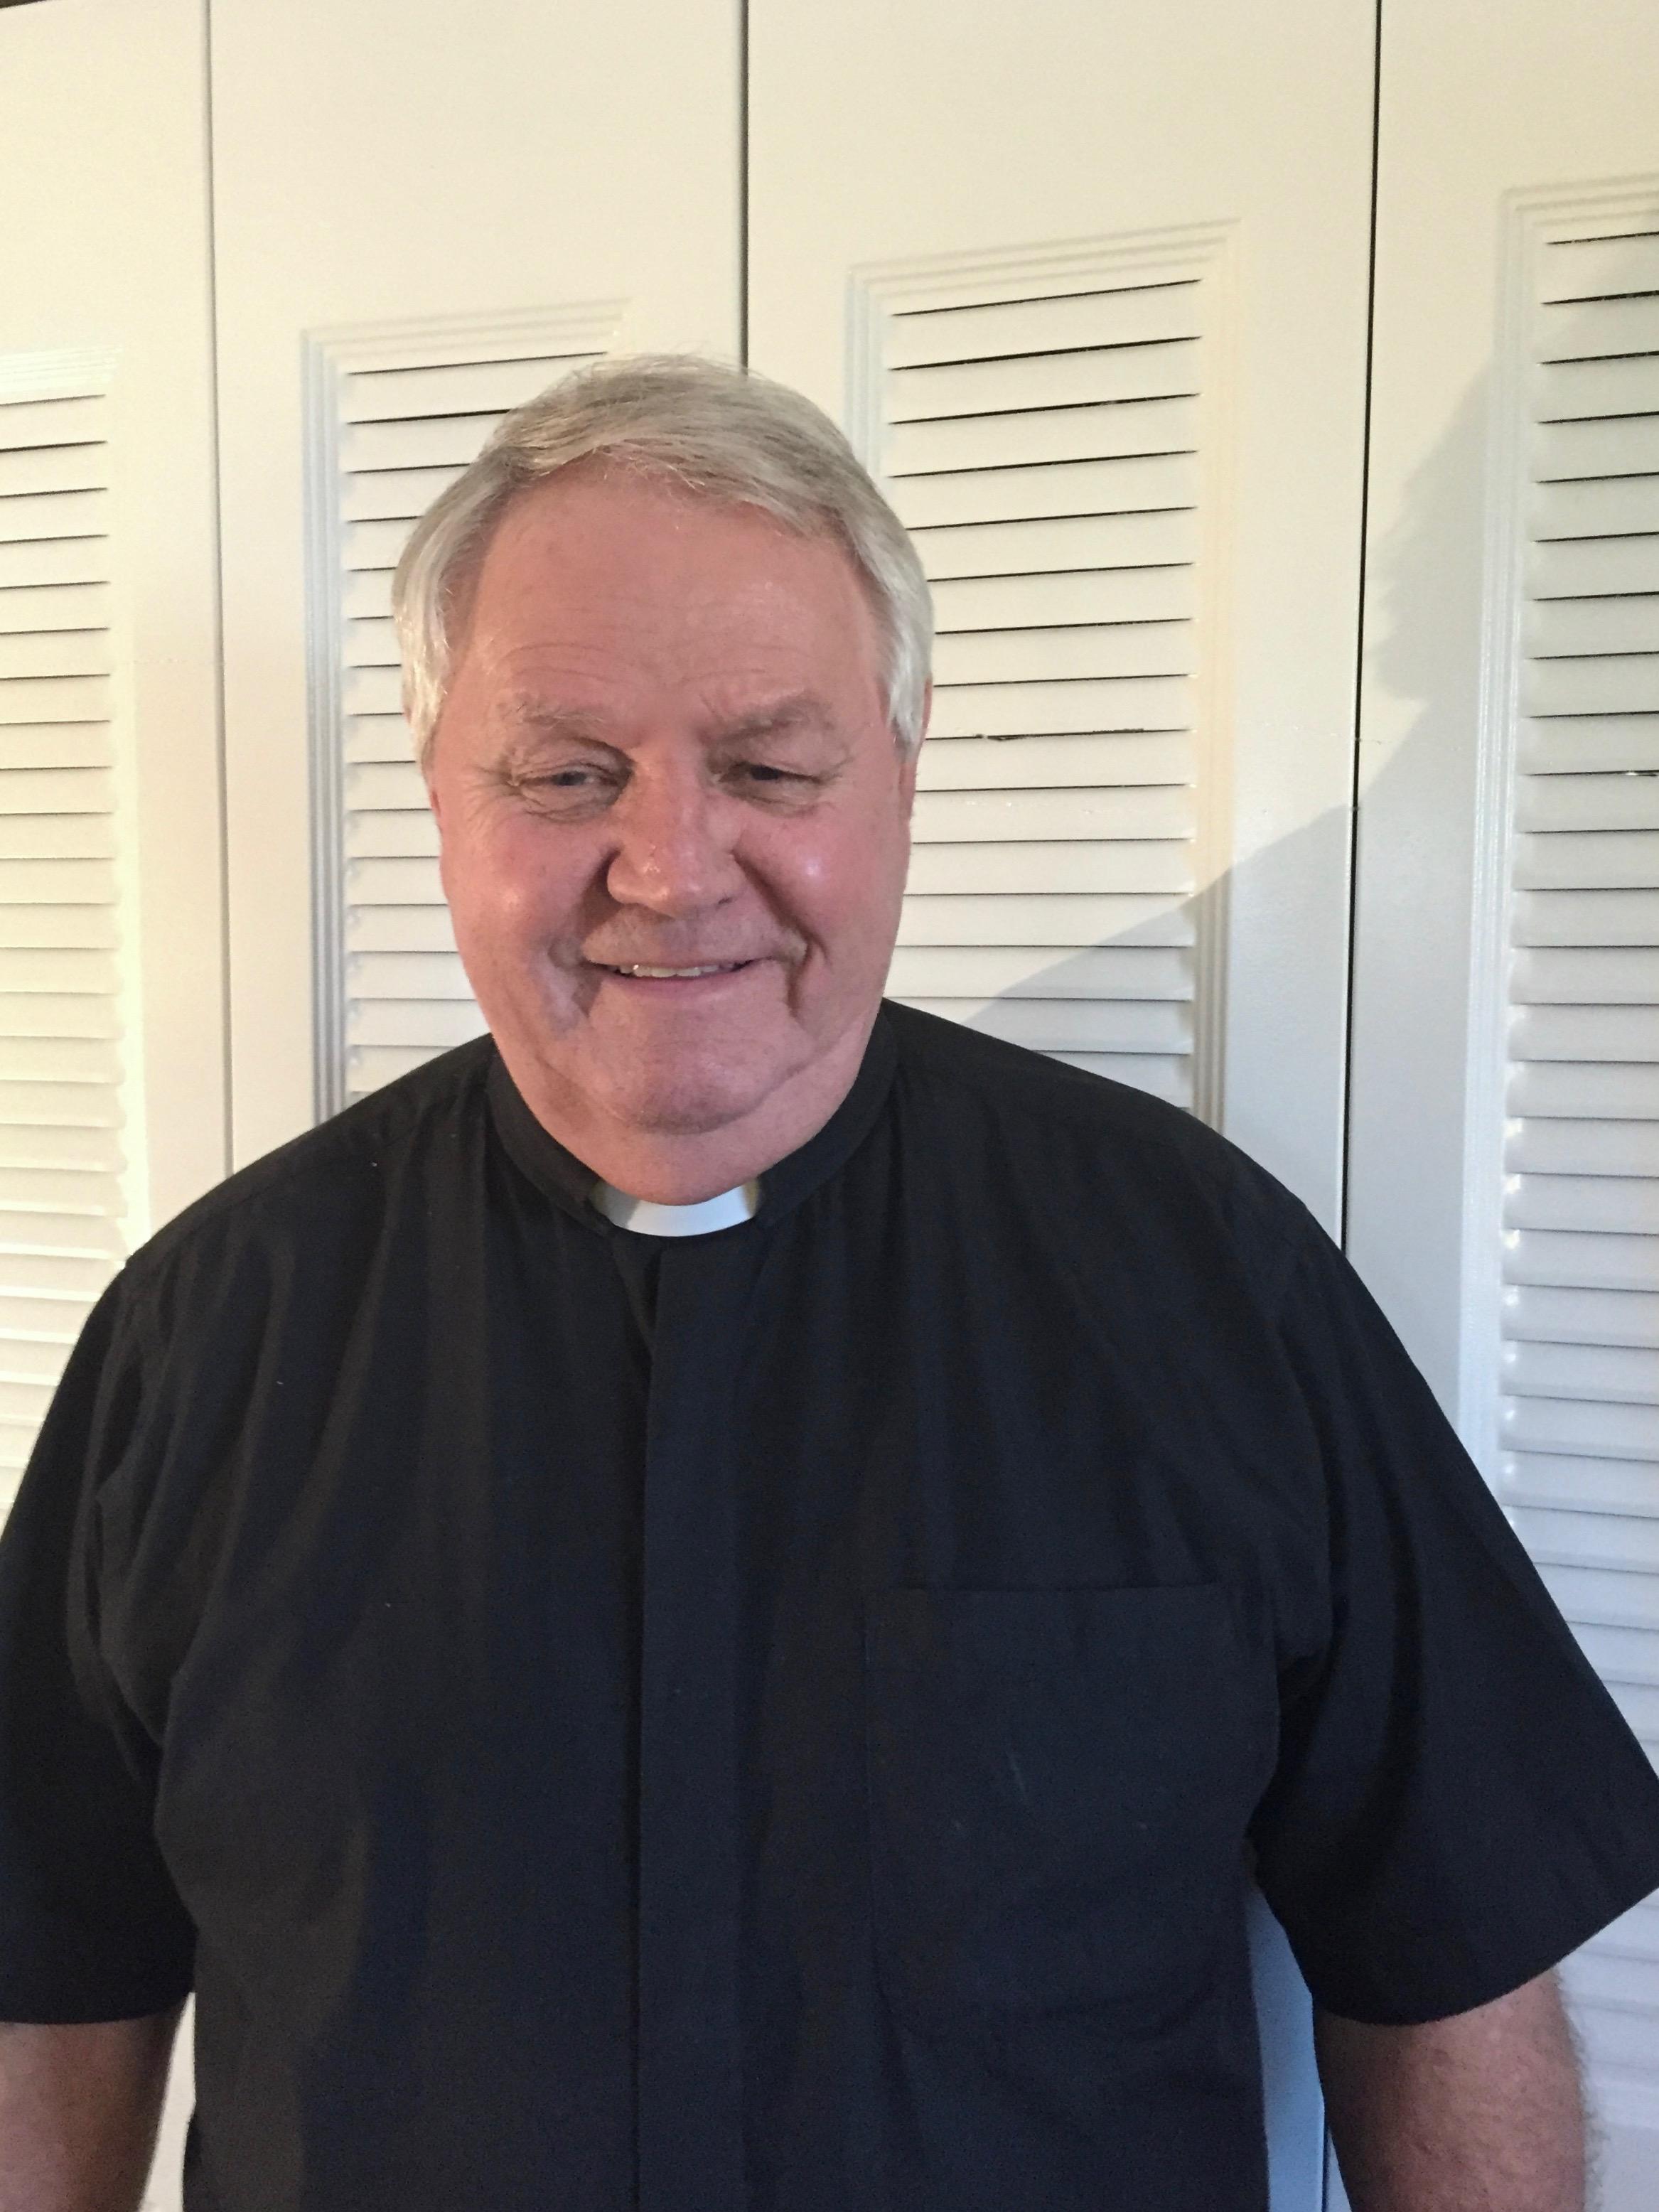 Reverend James Gowland, Deacon - email:deaconjim692@gmail.comphone: 856.429.0007